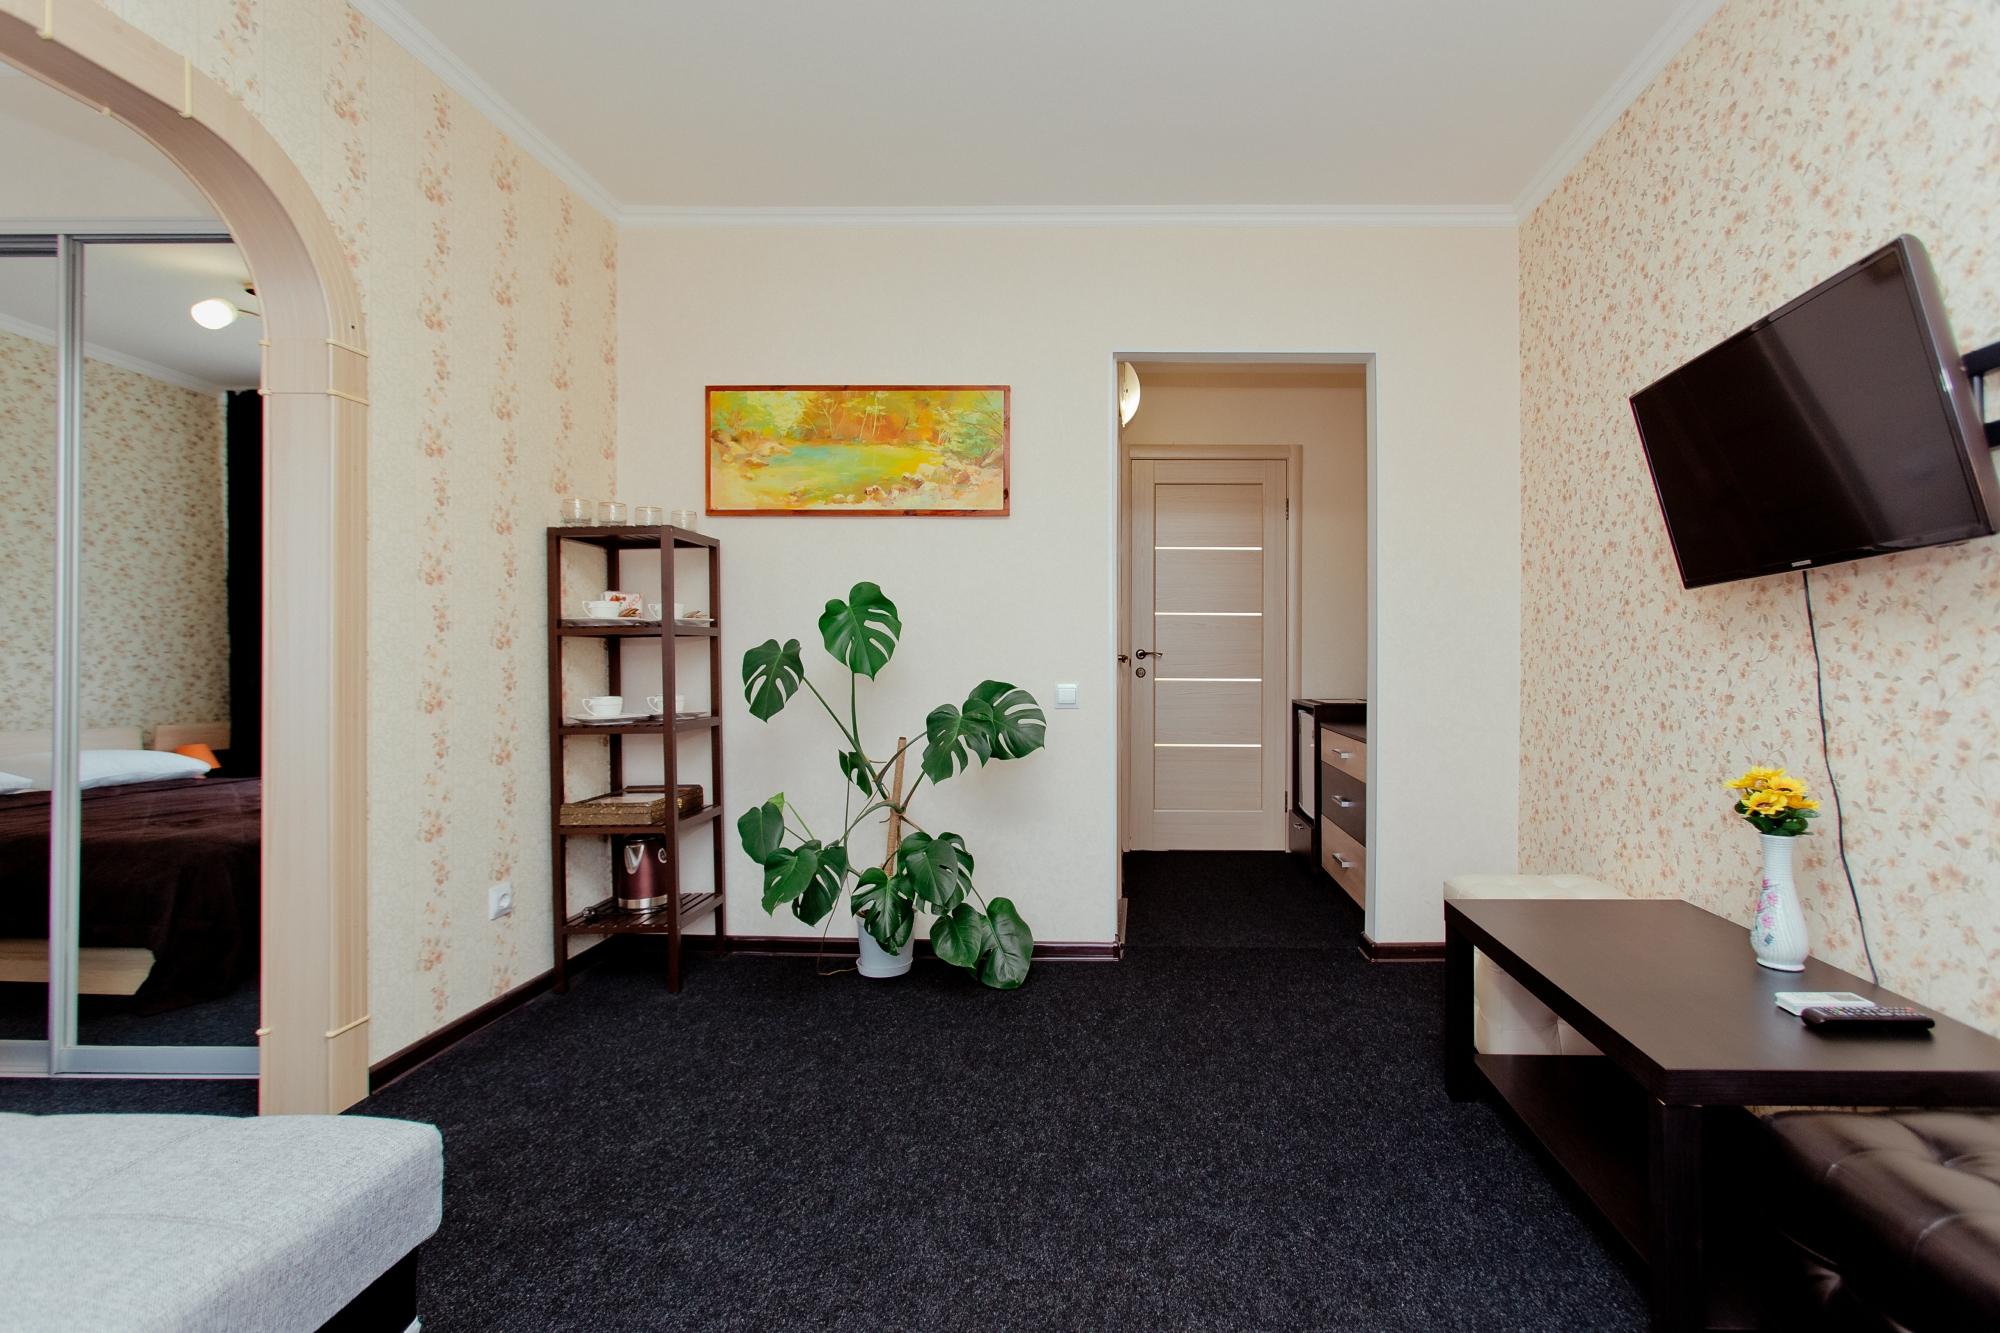 радовались тому, отель меридиан крым фото описание элины